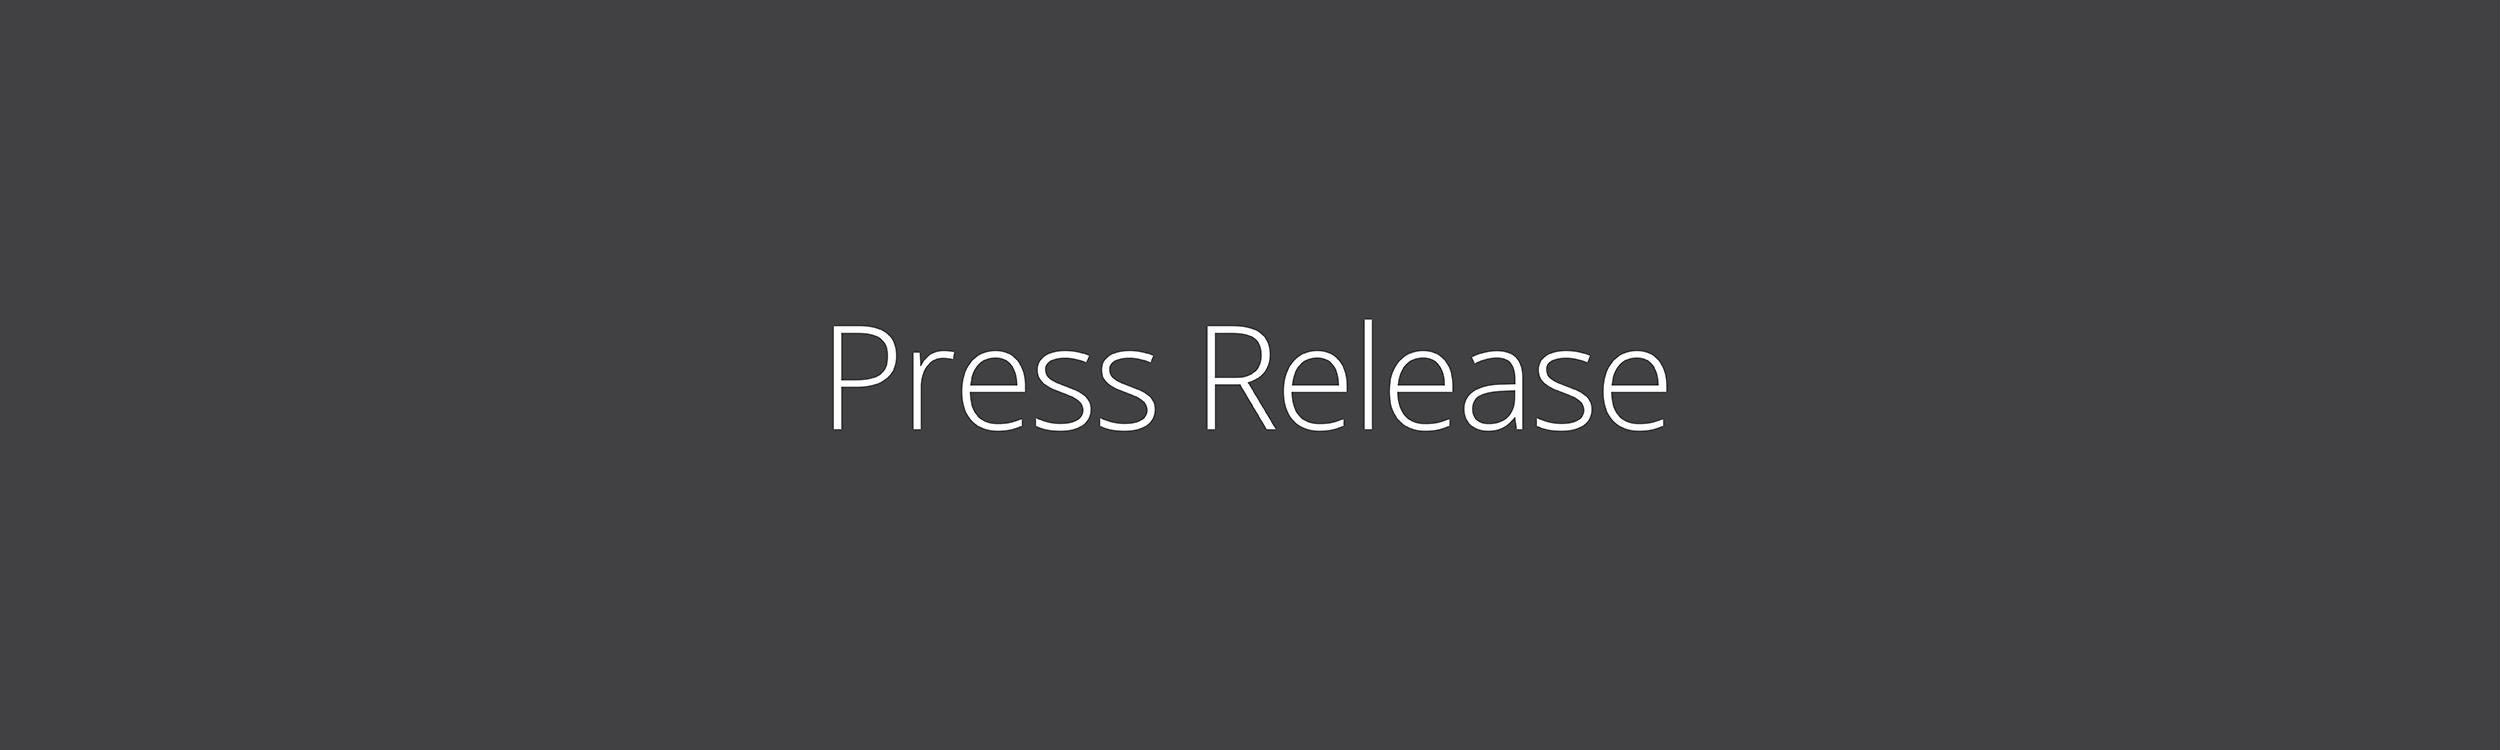 Riskalyze Press Release